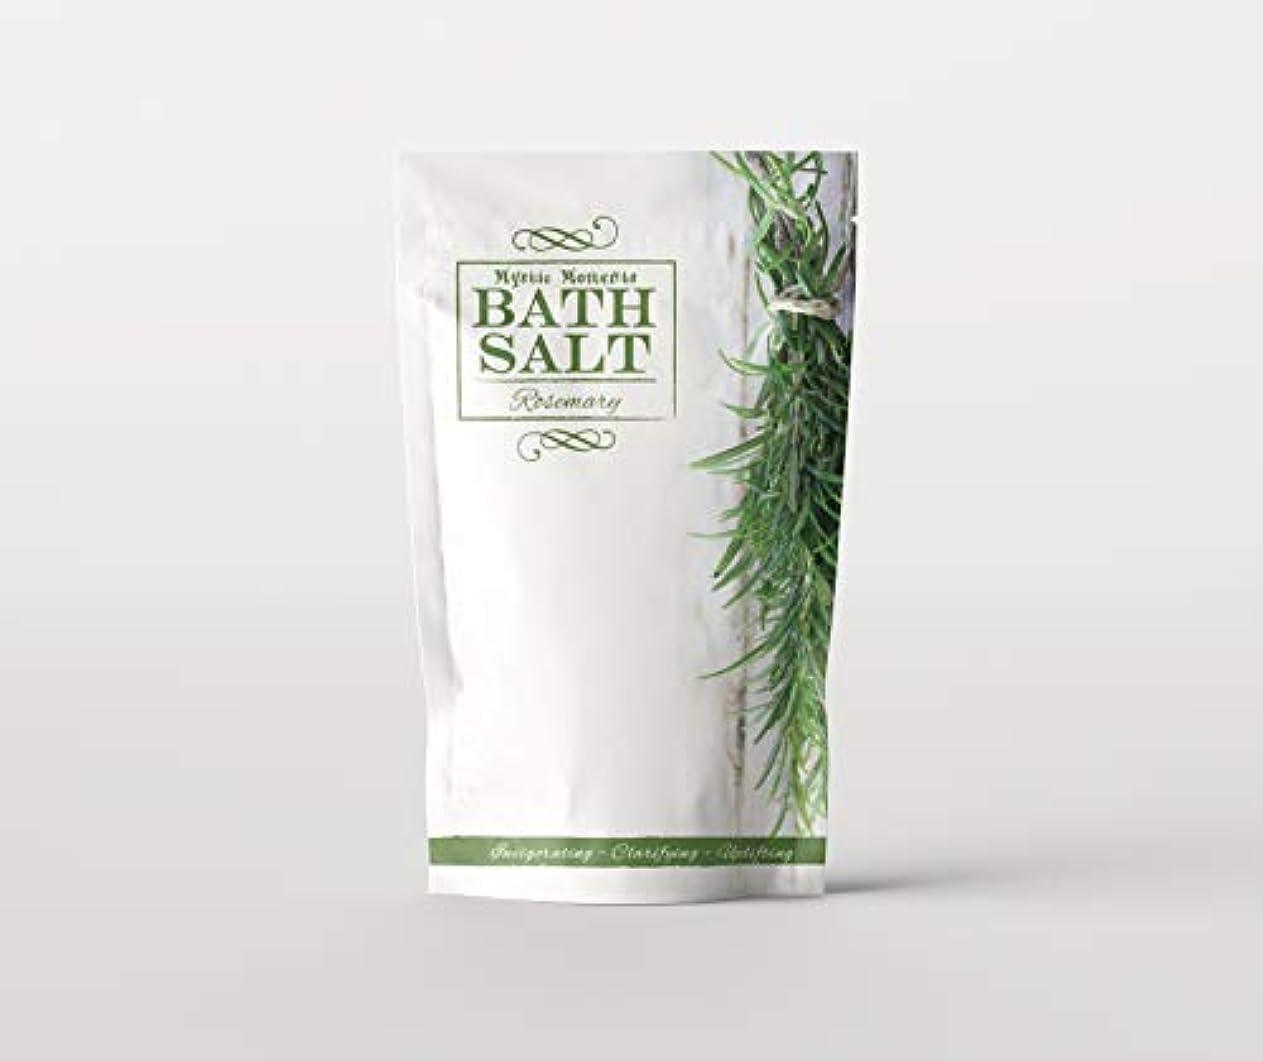 奇跡不安定な放映Bath Salt - Rosemary - 5Kg